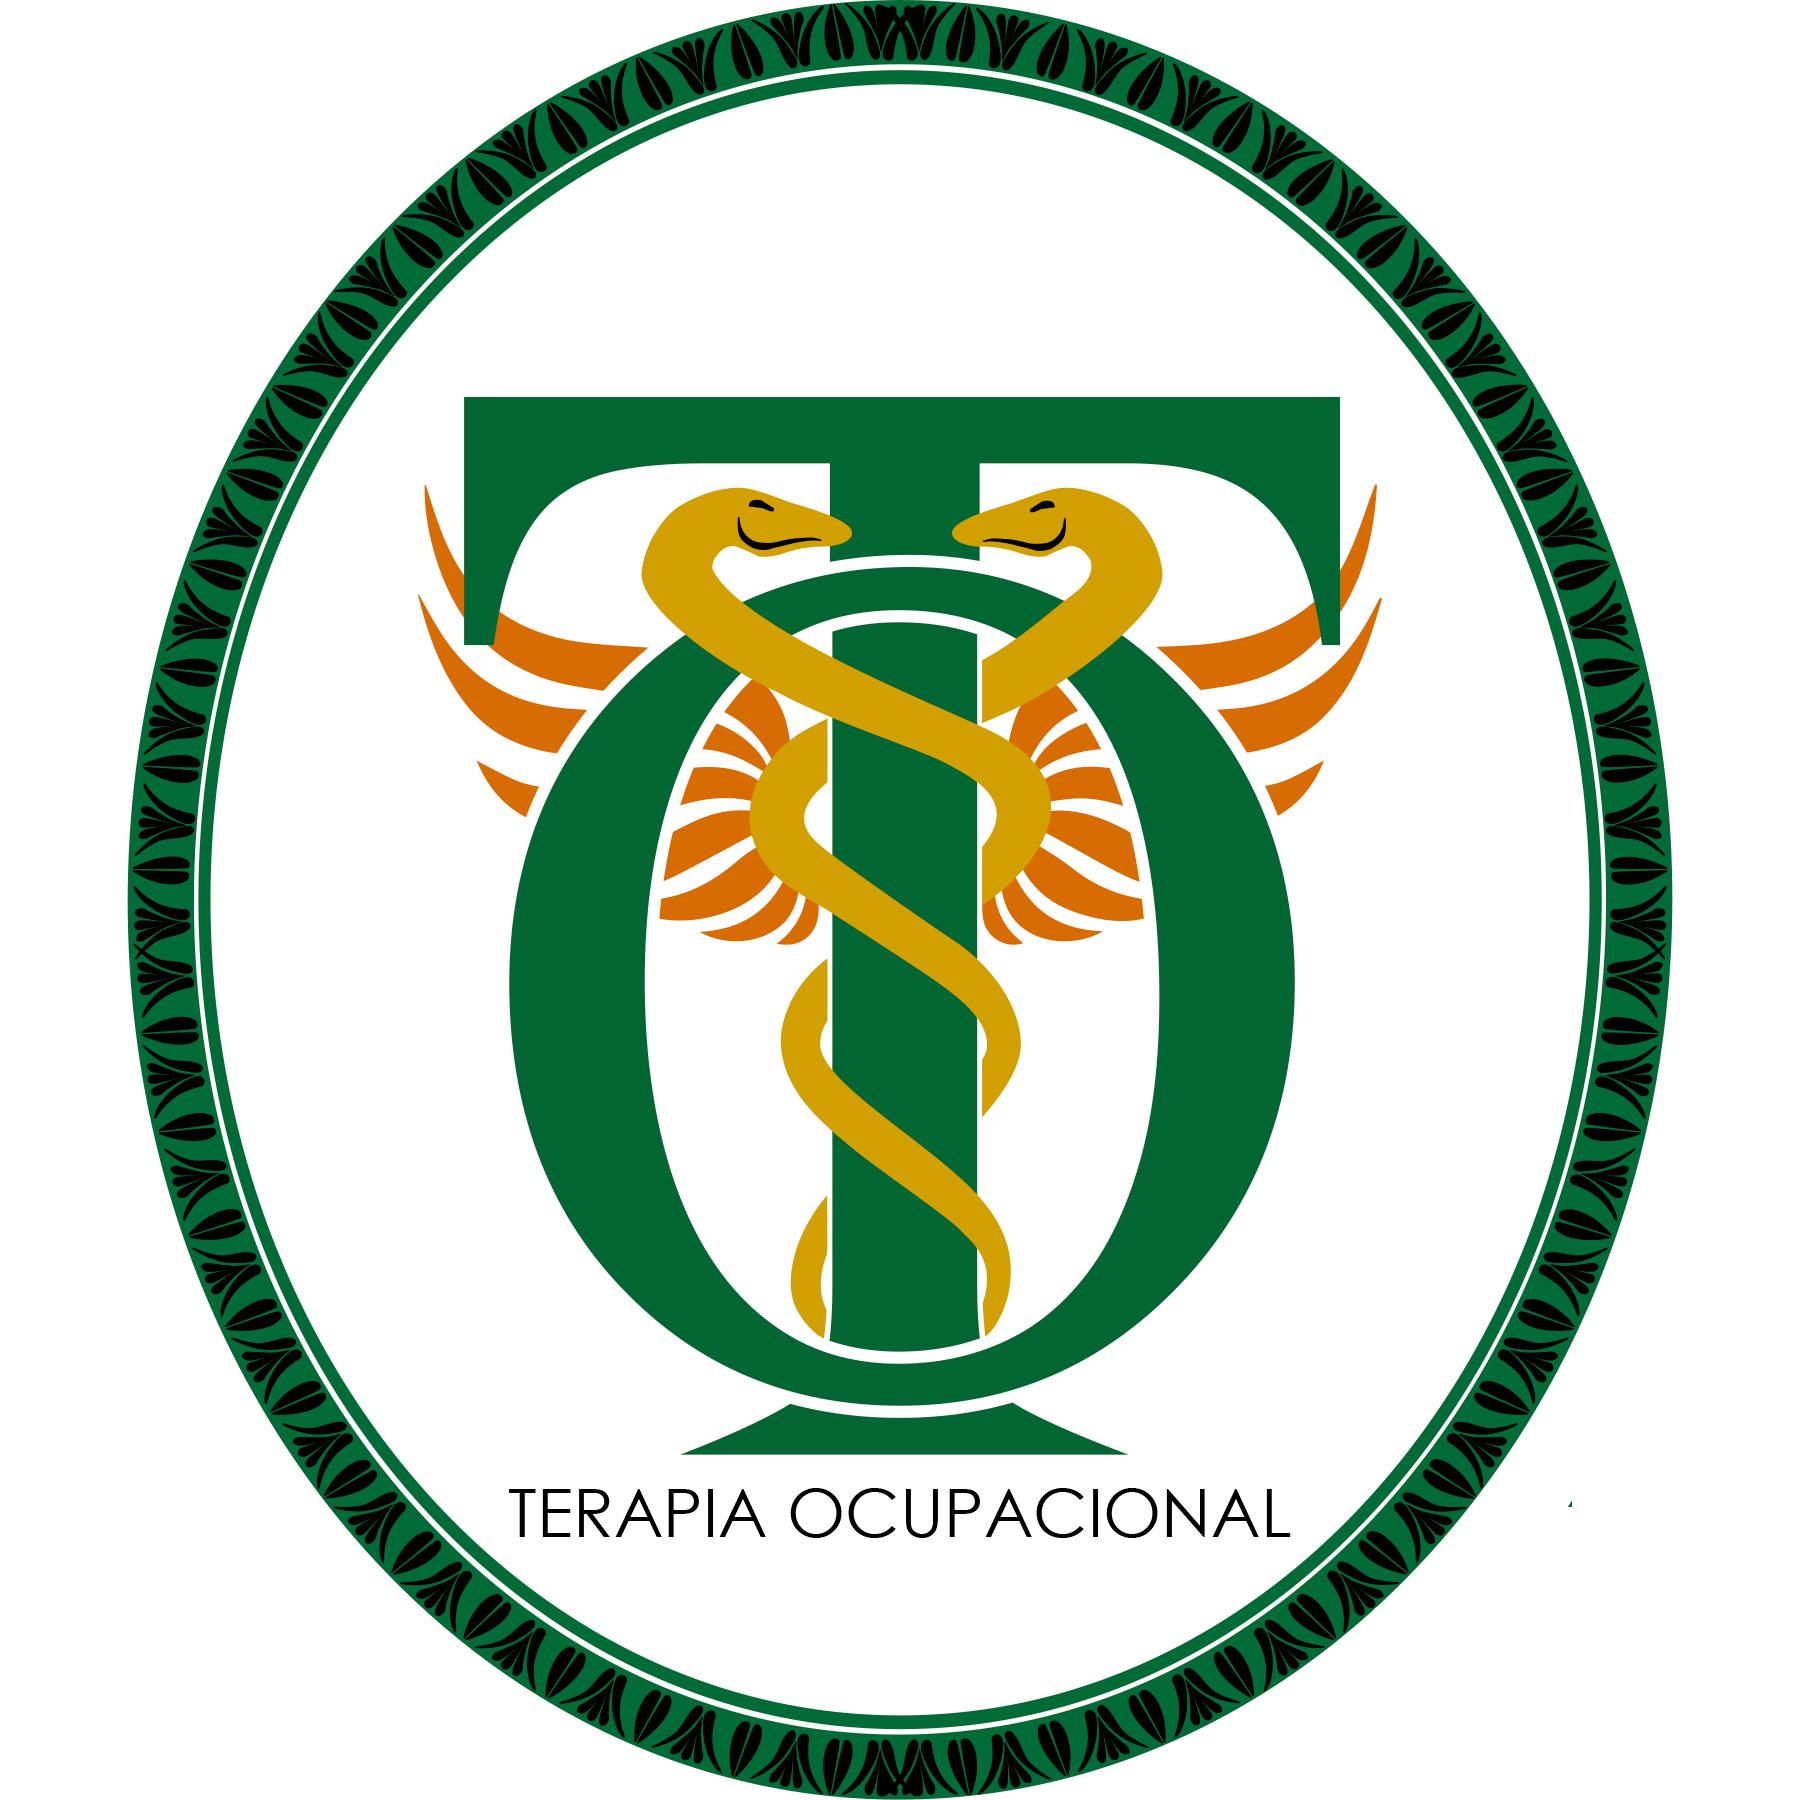 Terapia Ocupacional Wikipédia A Enciclopédia Livre